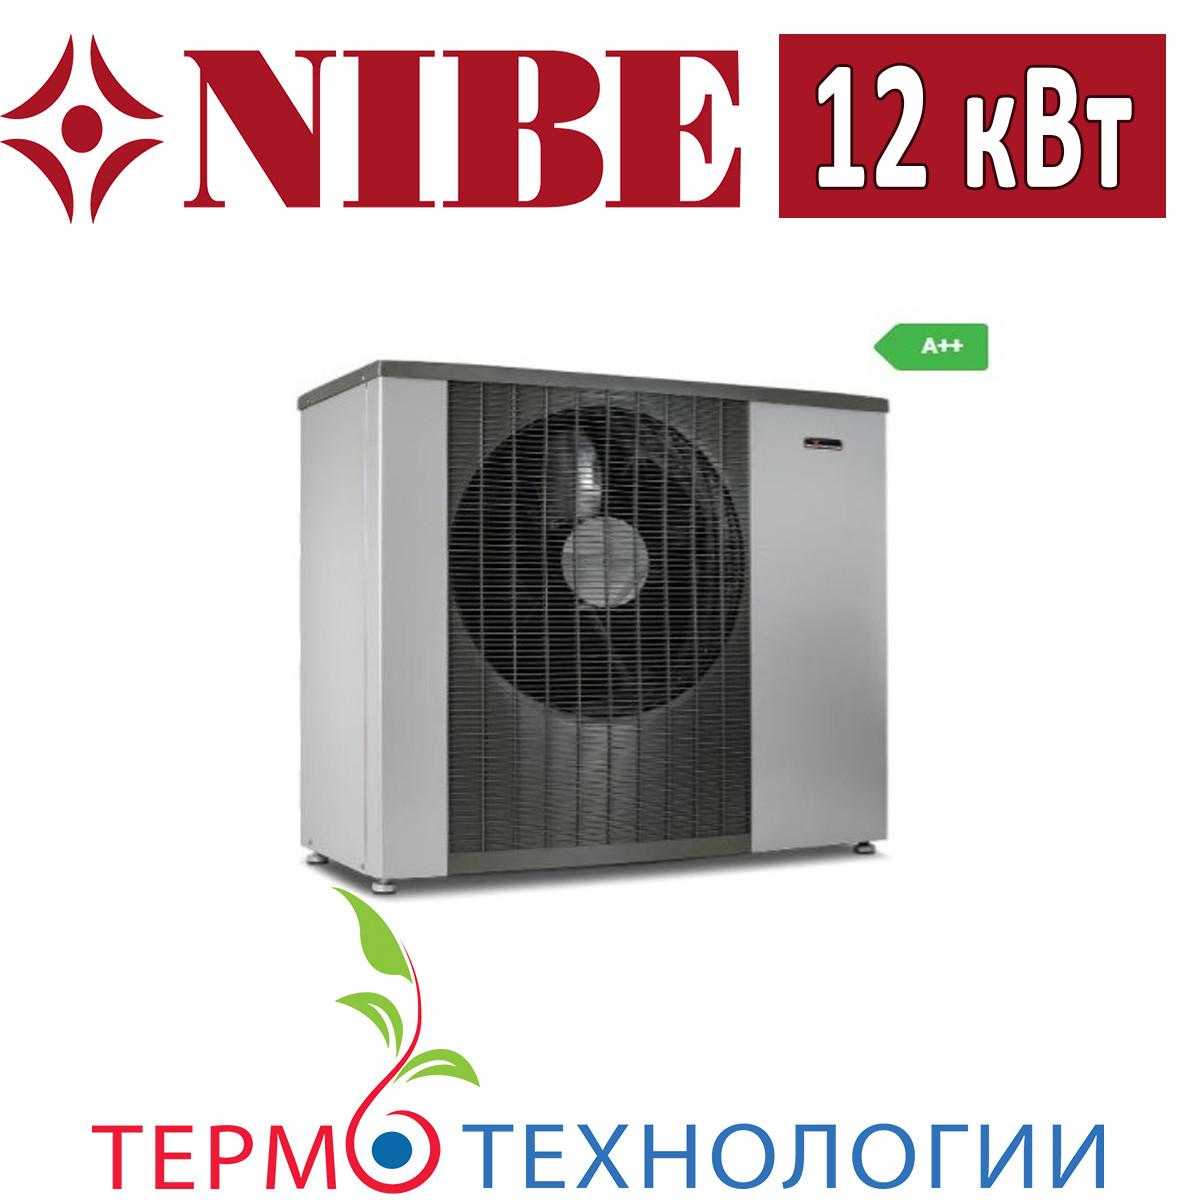 Тепловой насос воздух-вода Nibe F2120 12 кВт